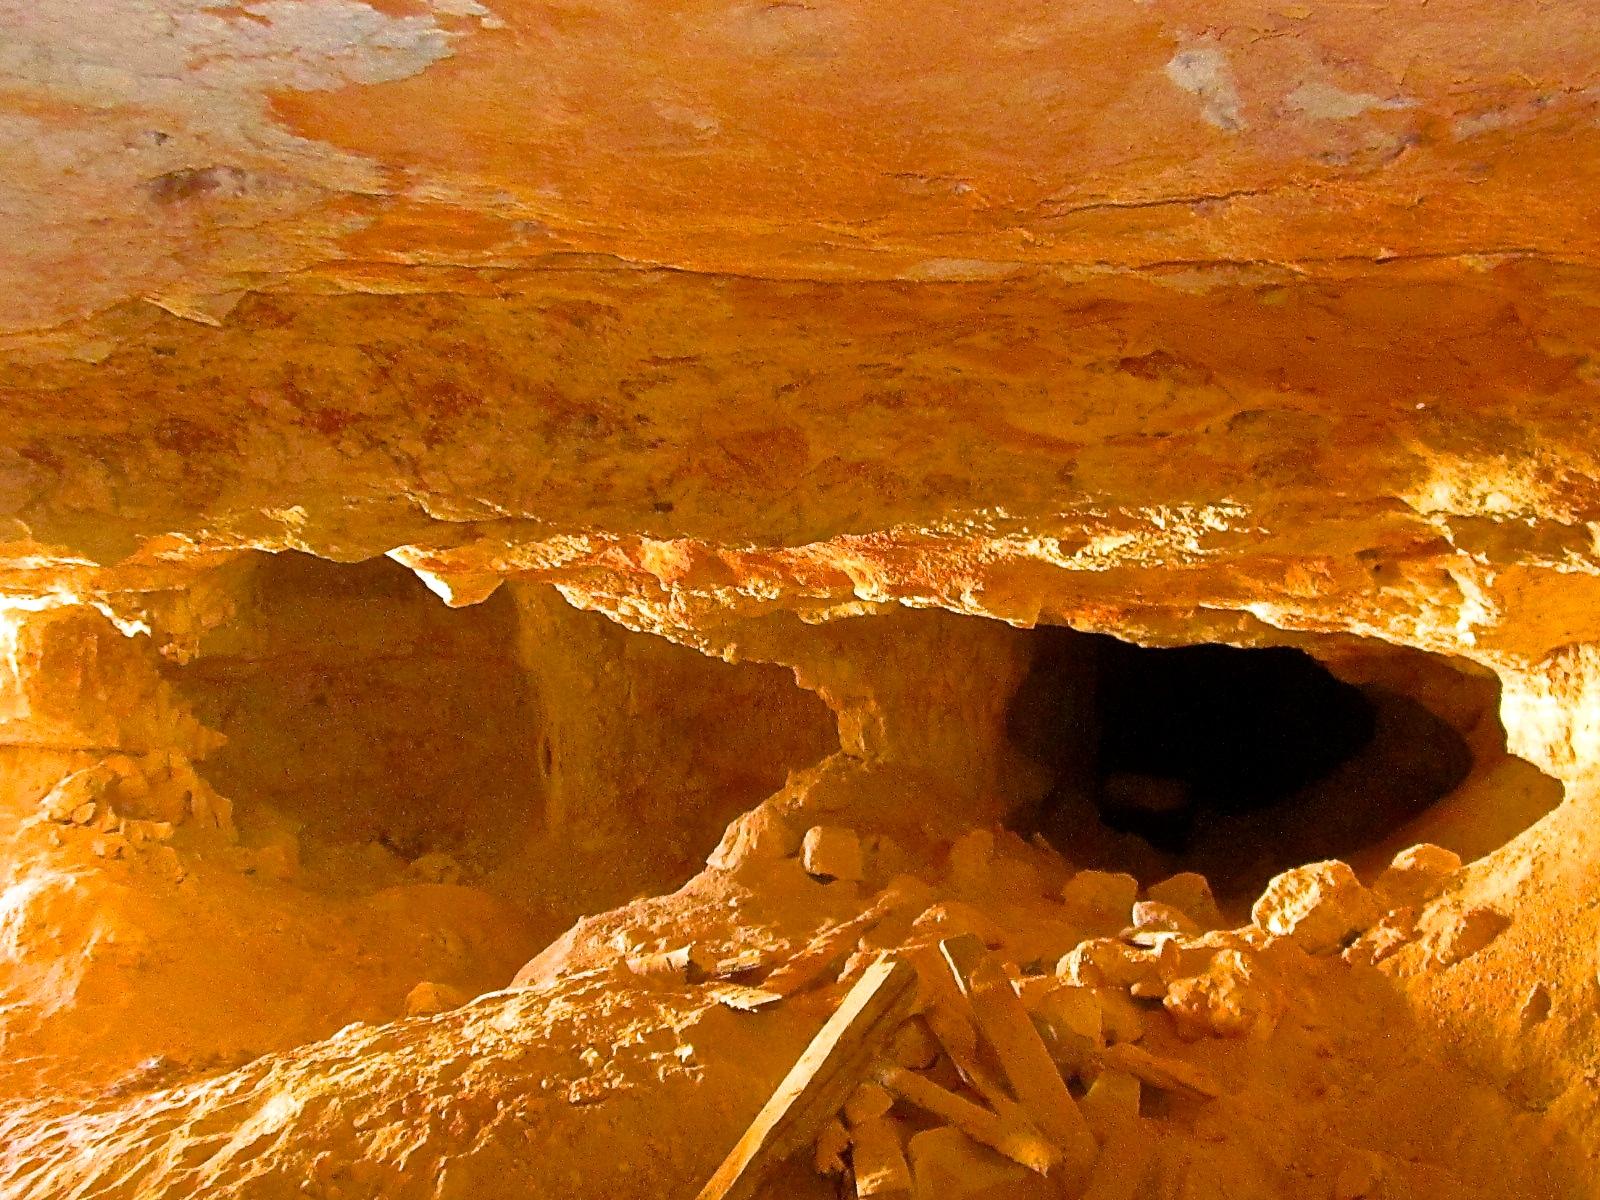 australian opal mining, opal mining,black opal mining,3 mile opal mine